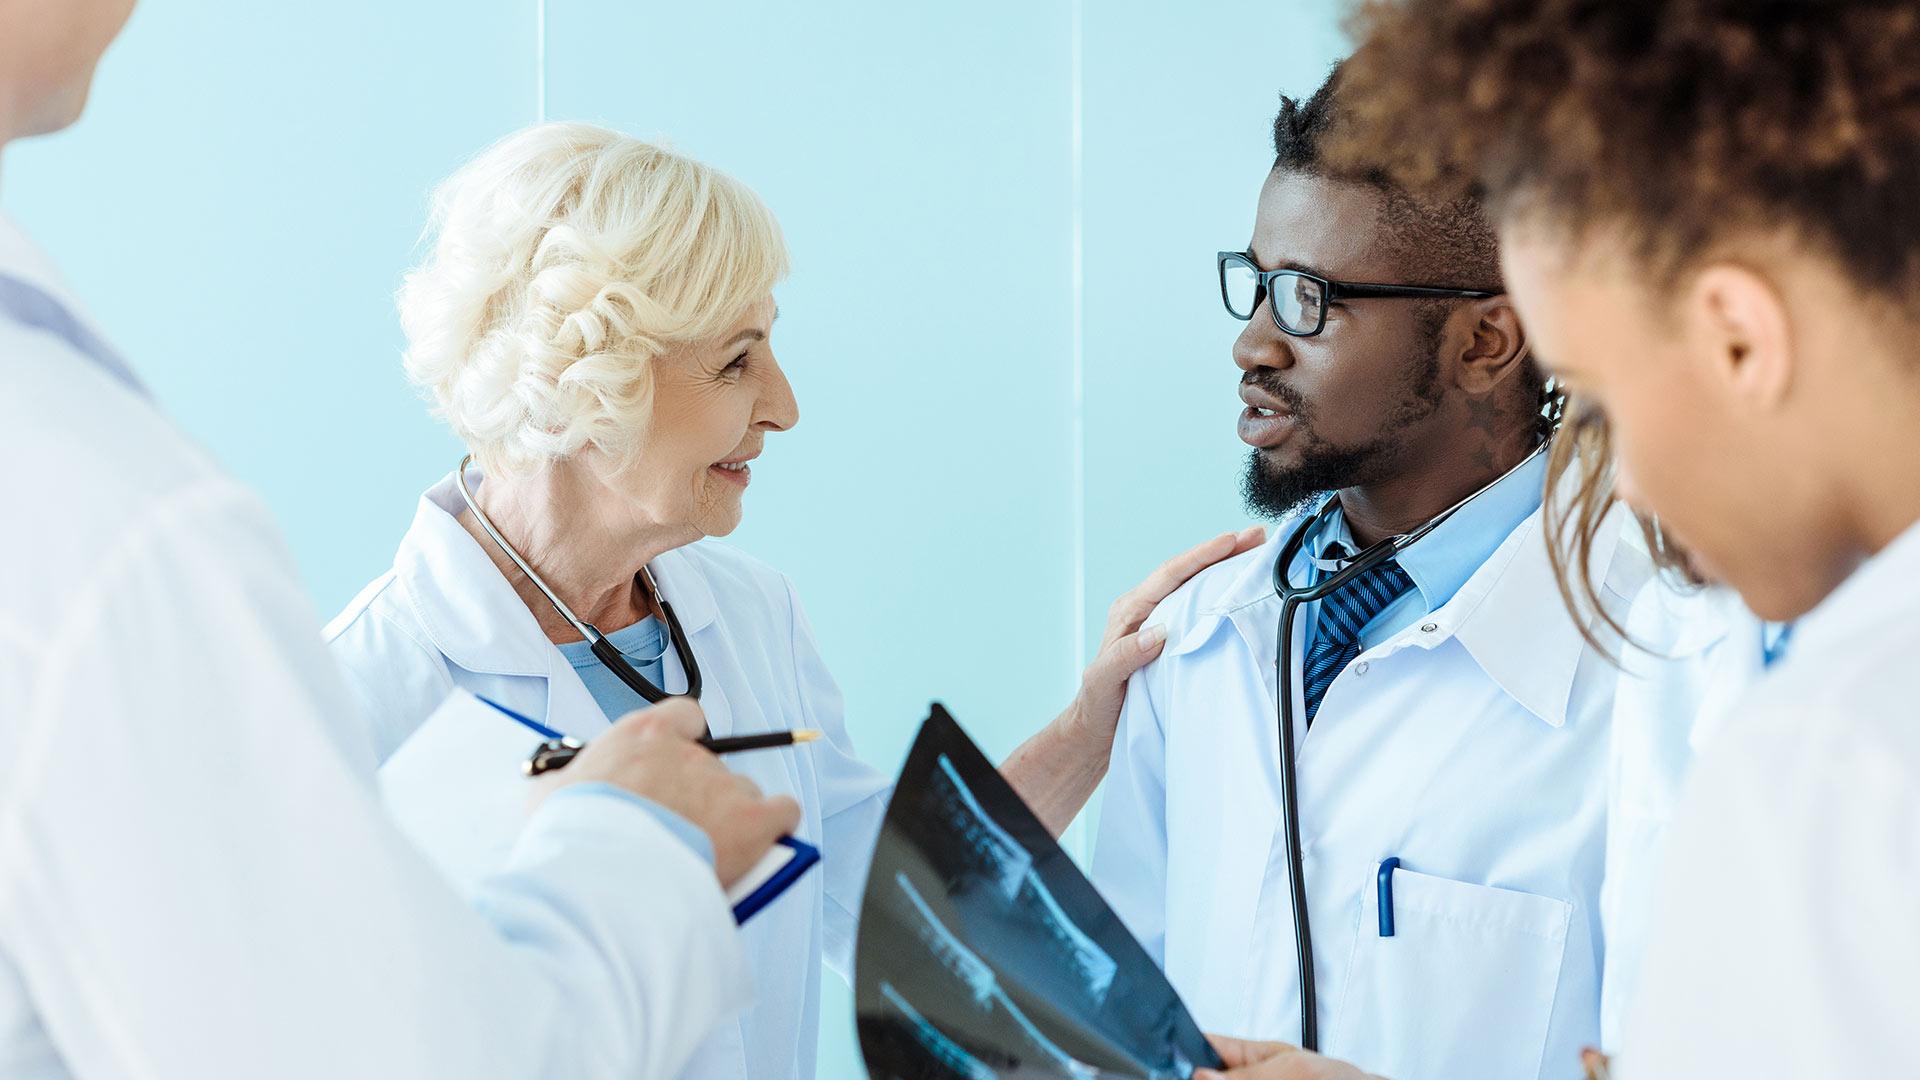 BTER - Sr. Medical Students